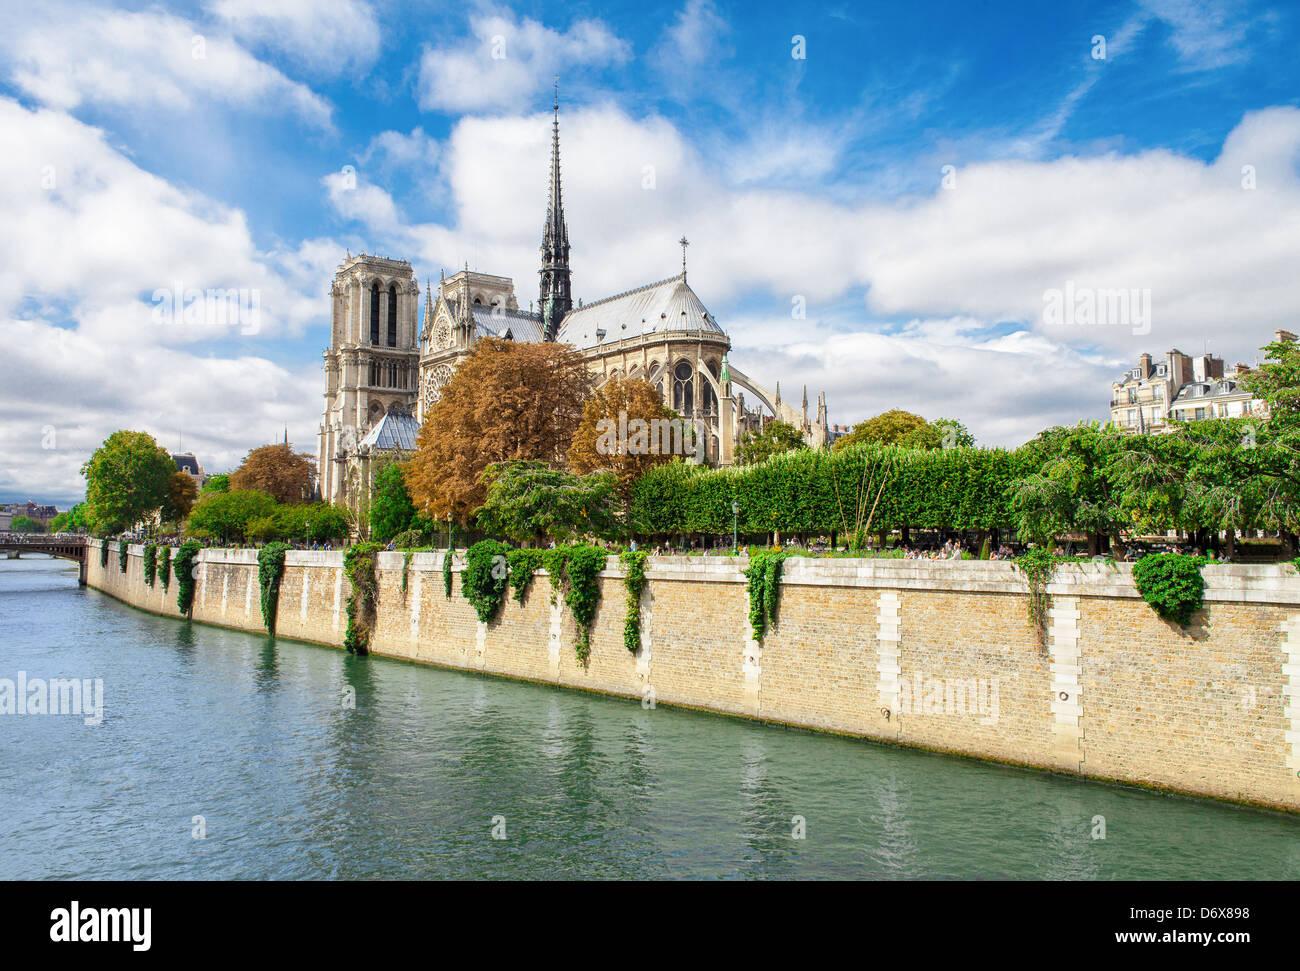 Notre Dame de Paris, France landmark. Seine river view. - Stock Image